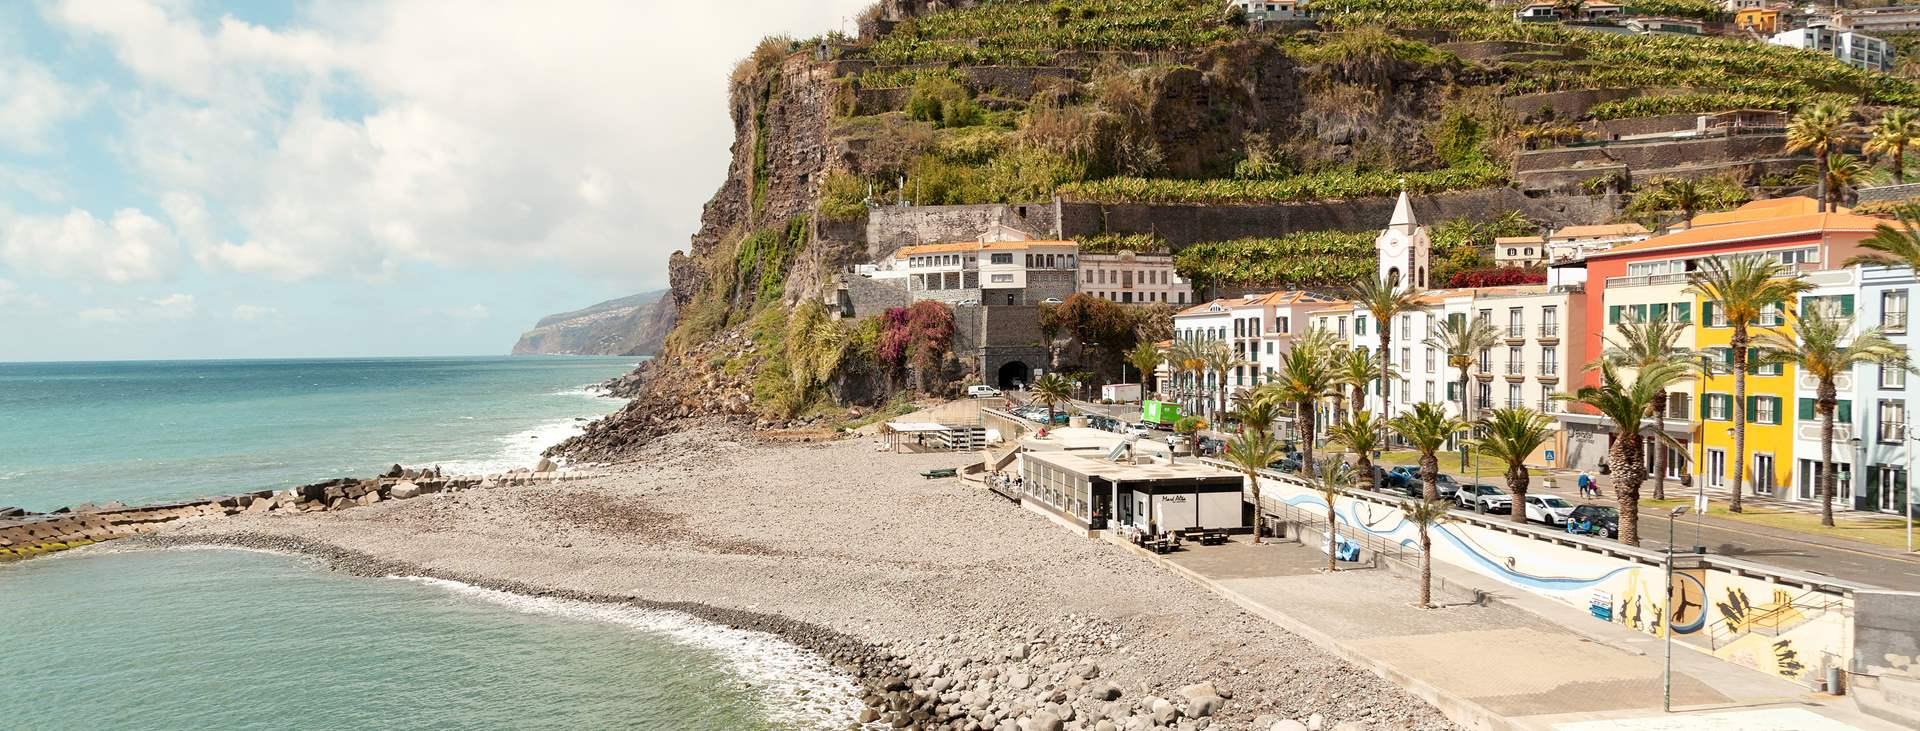 Boka din resa till Ponta do Sol på Madeira med Ving